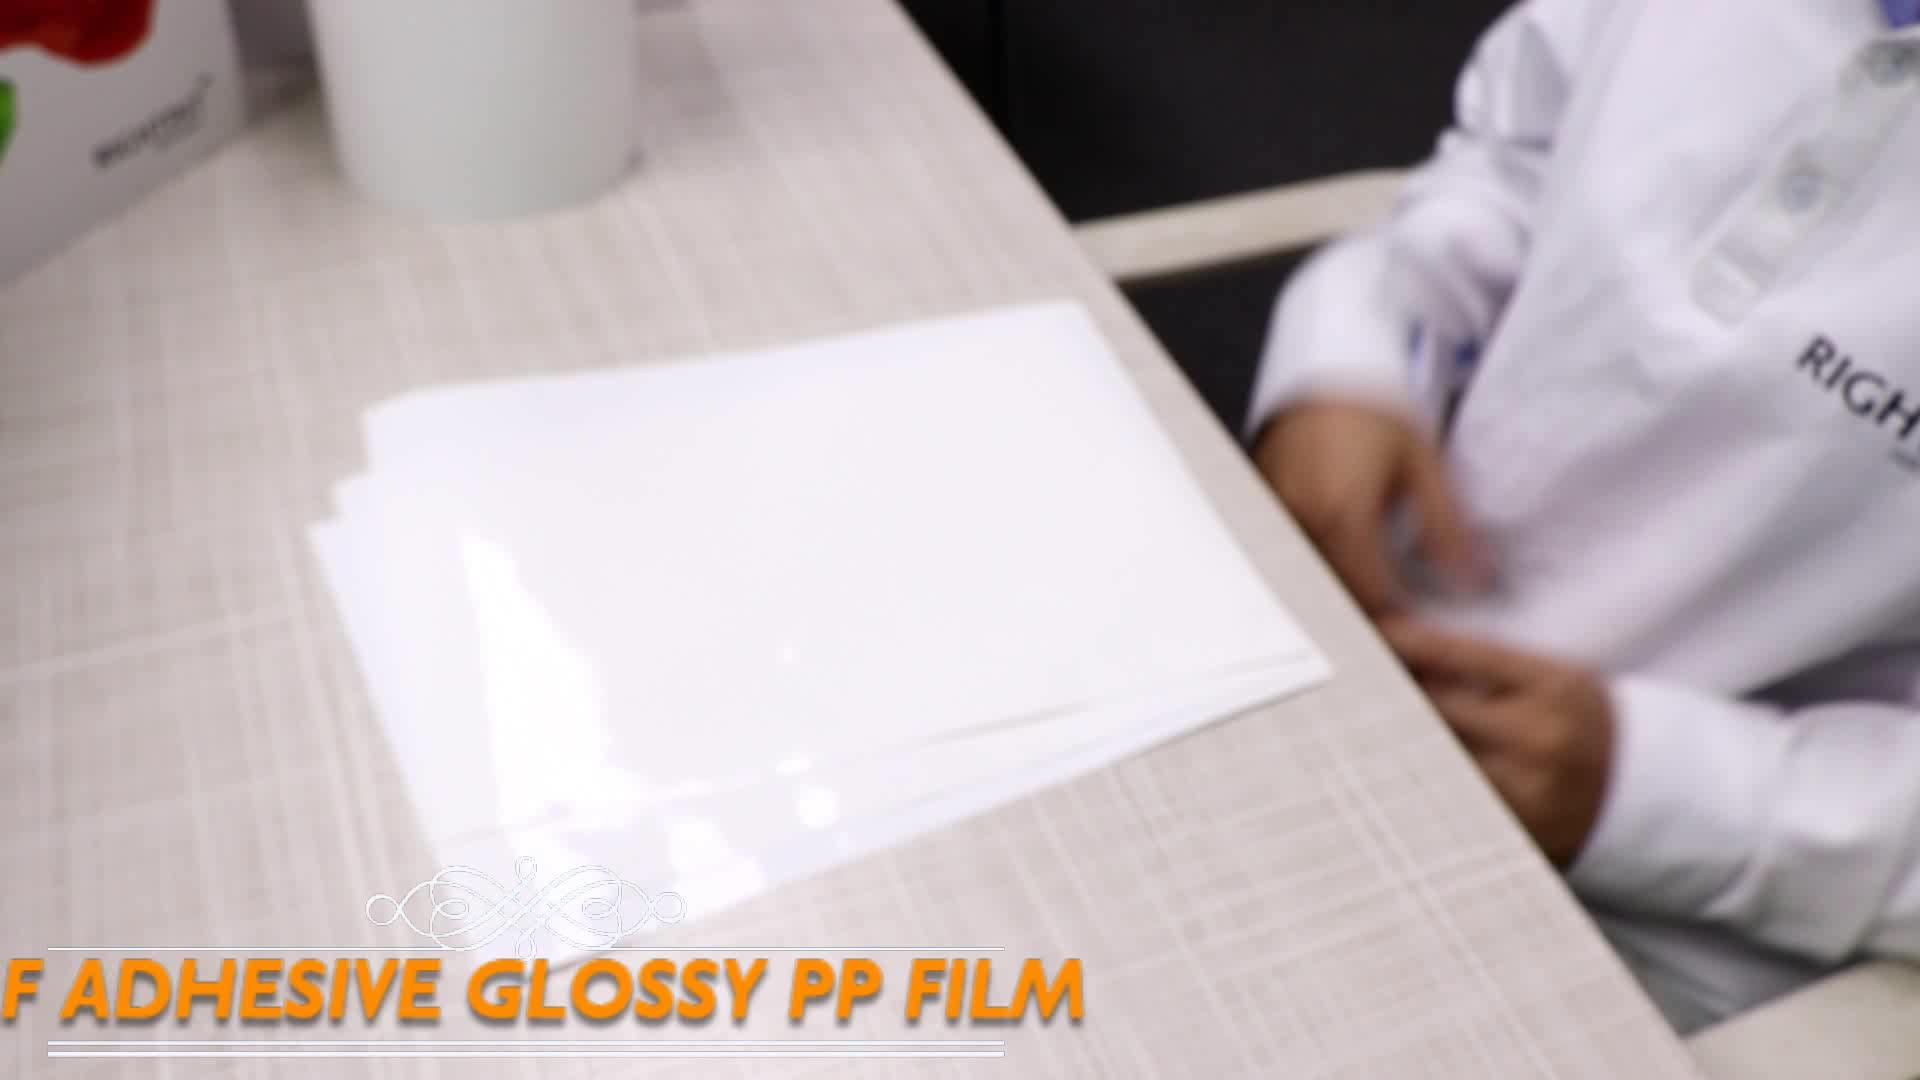 A4 boyut kendinden yapışkanlı etiket kağıt kendinden yapışkanlı parlak beyaz pp film